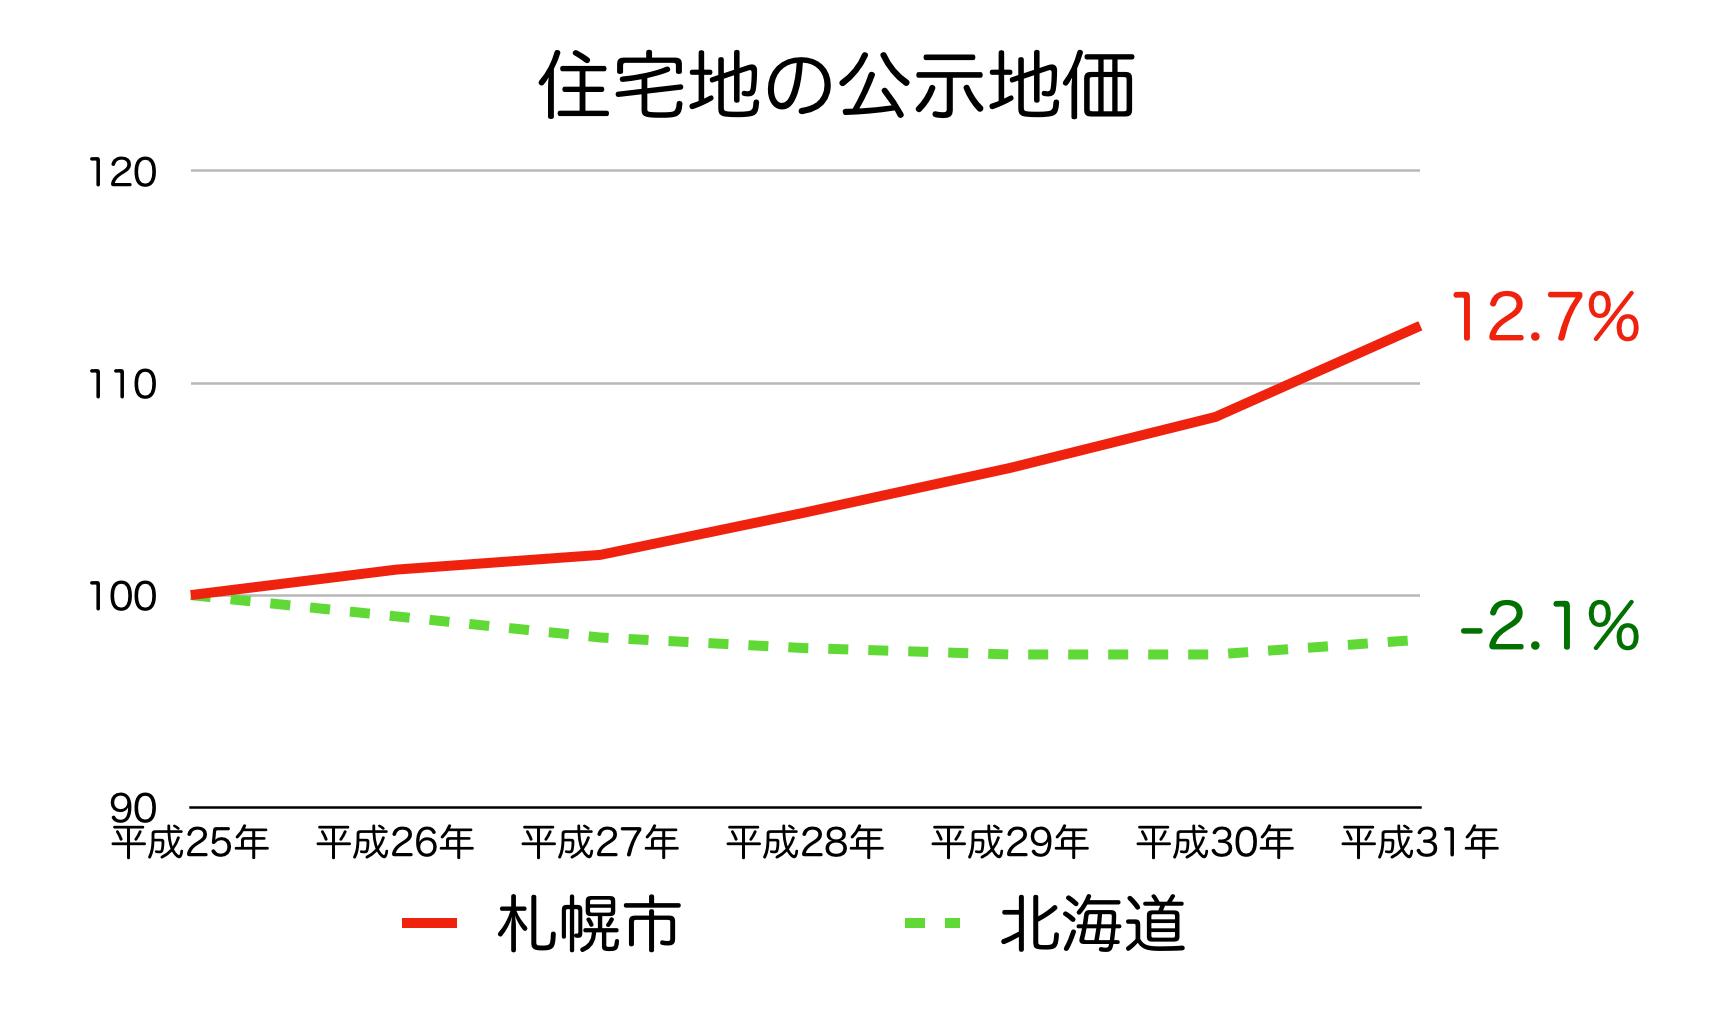 札幌市の公示地価 H25-H31